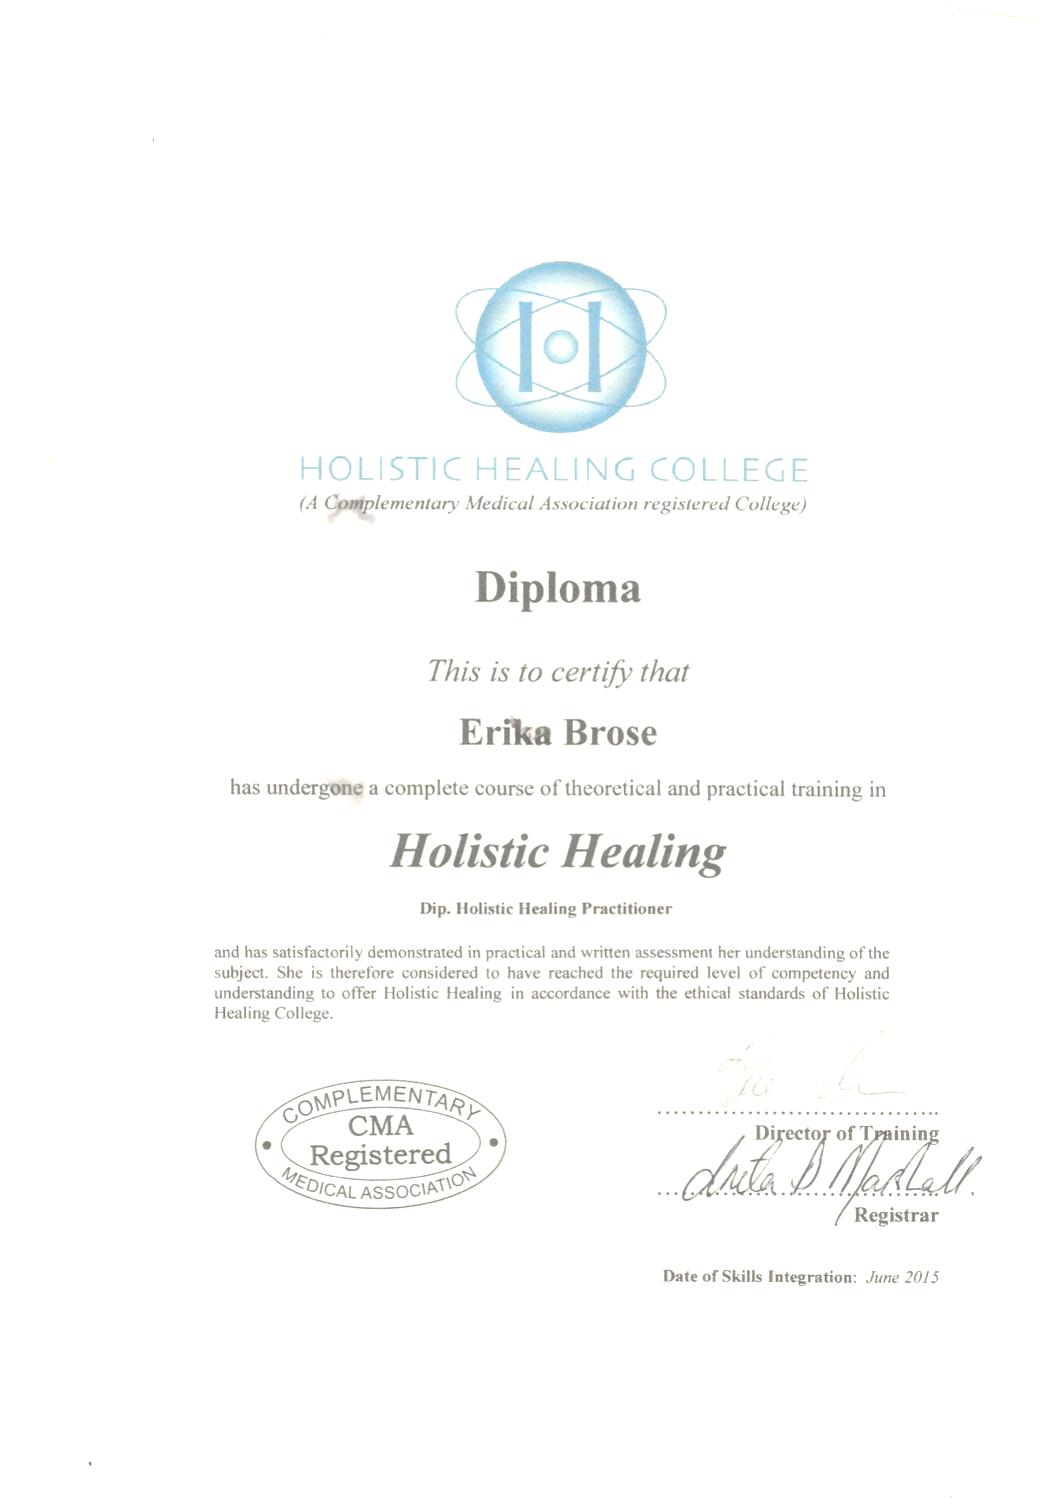 Qualifications Erika Brose